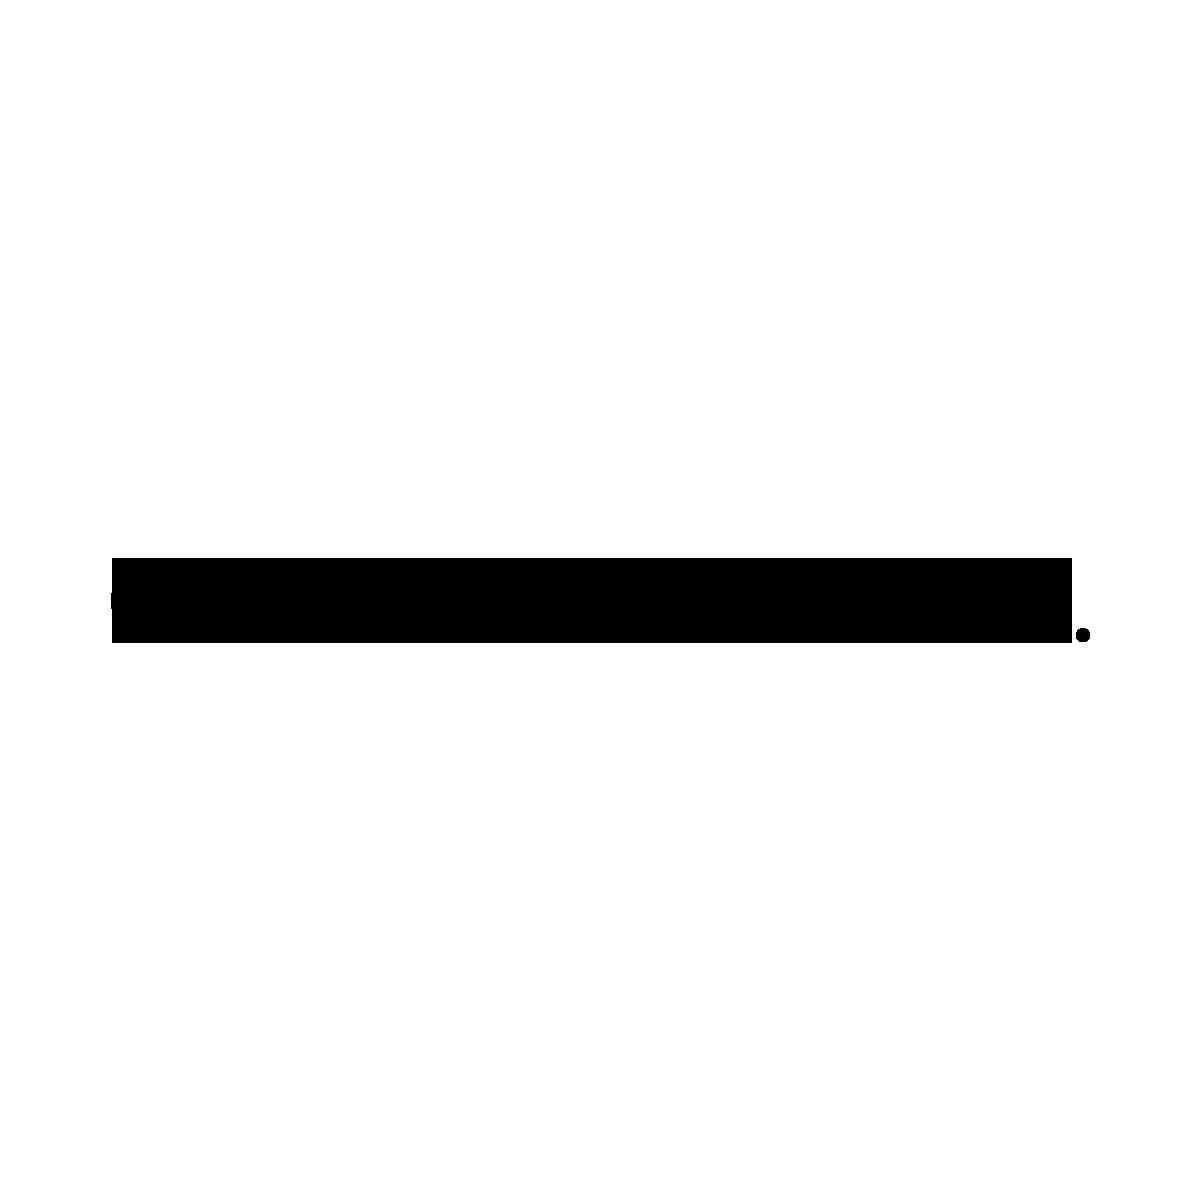 Espadrille-loafer-suède-geel